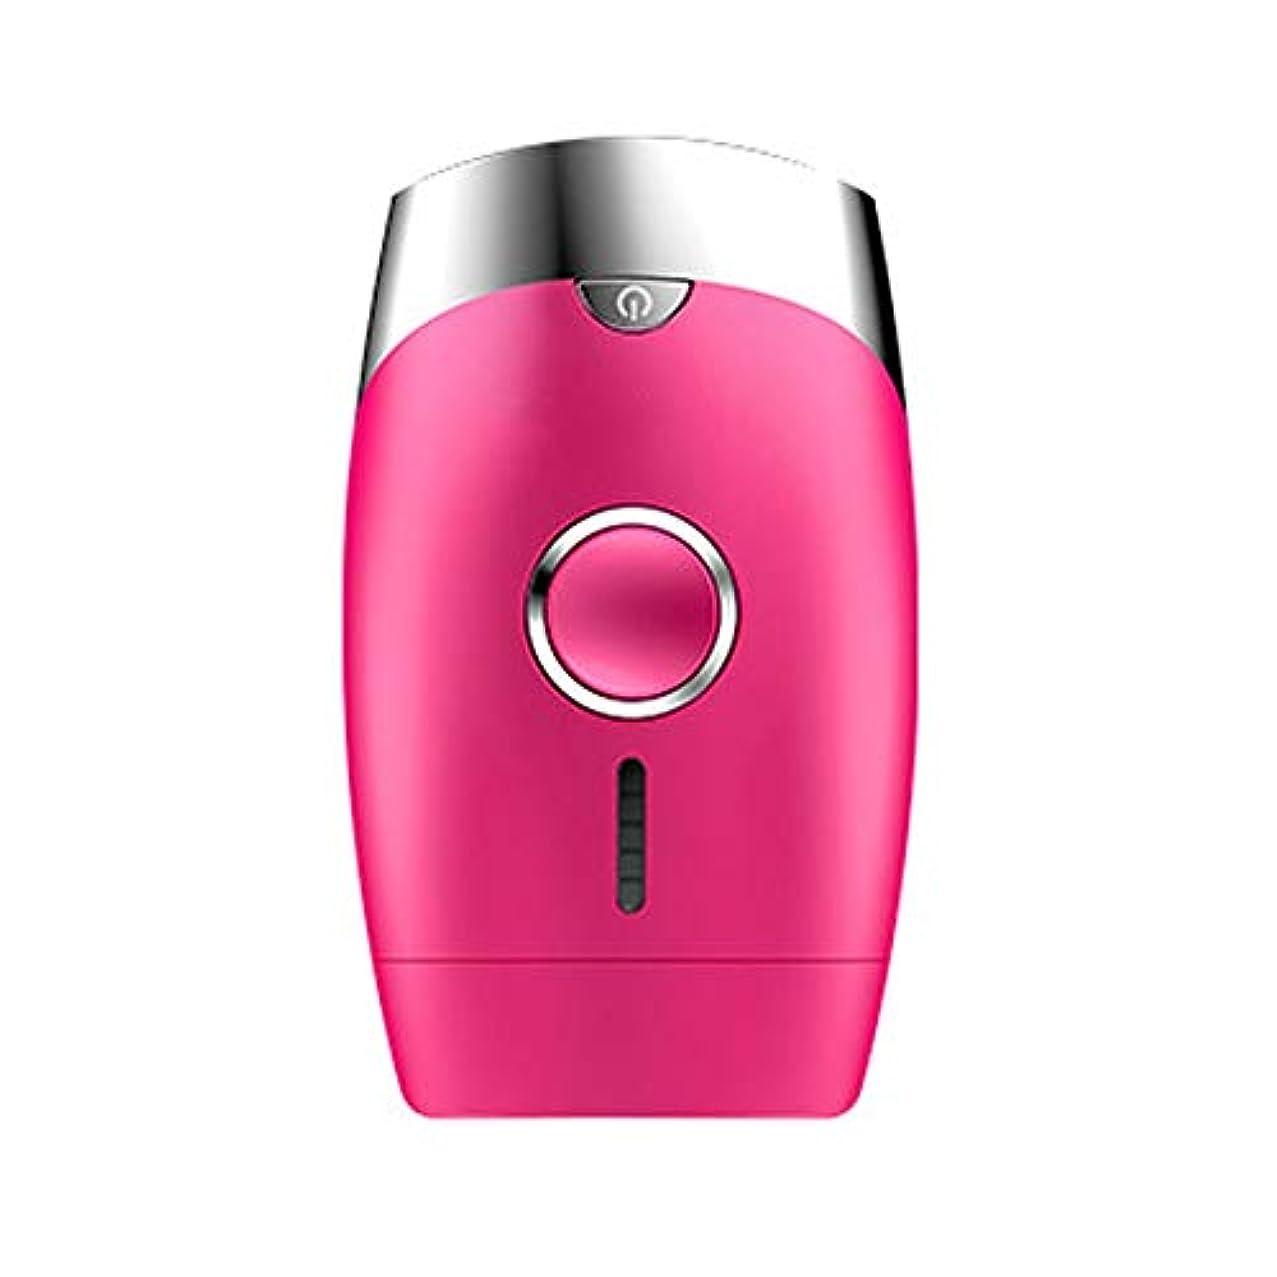 バルク排出ブランチピンク、5スピード調整、インテリジェント家庭用痛みのない凝固点ヘアリムーバー、シングルフラッシュ/連続フラッシュ、サイズ13.9 X 8.3 X 4.8 Cm 安全性 (Color : Pink)